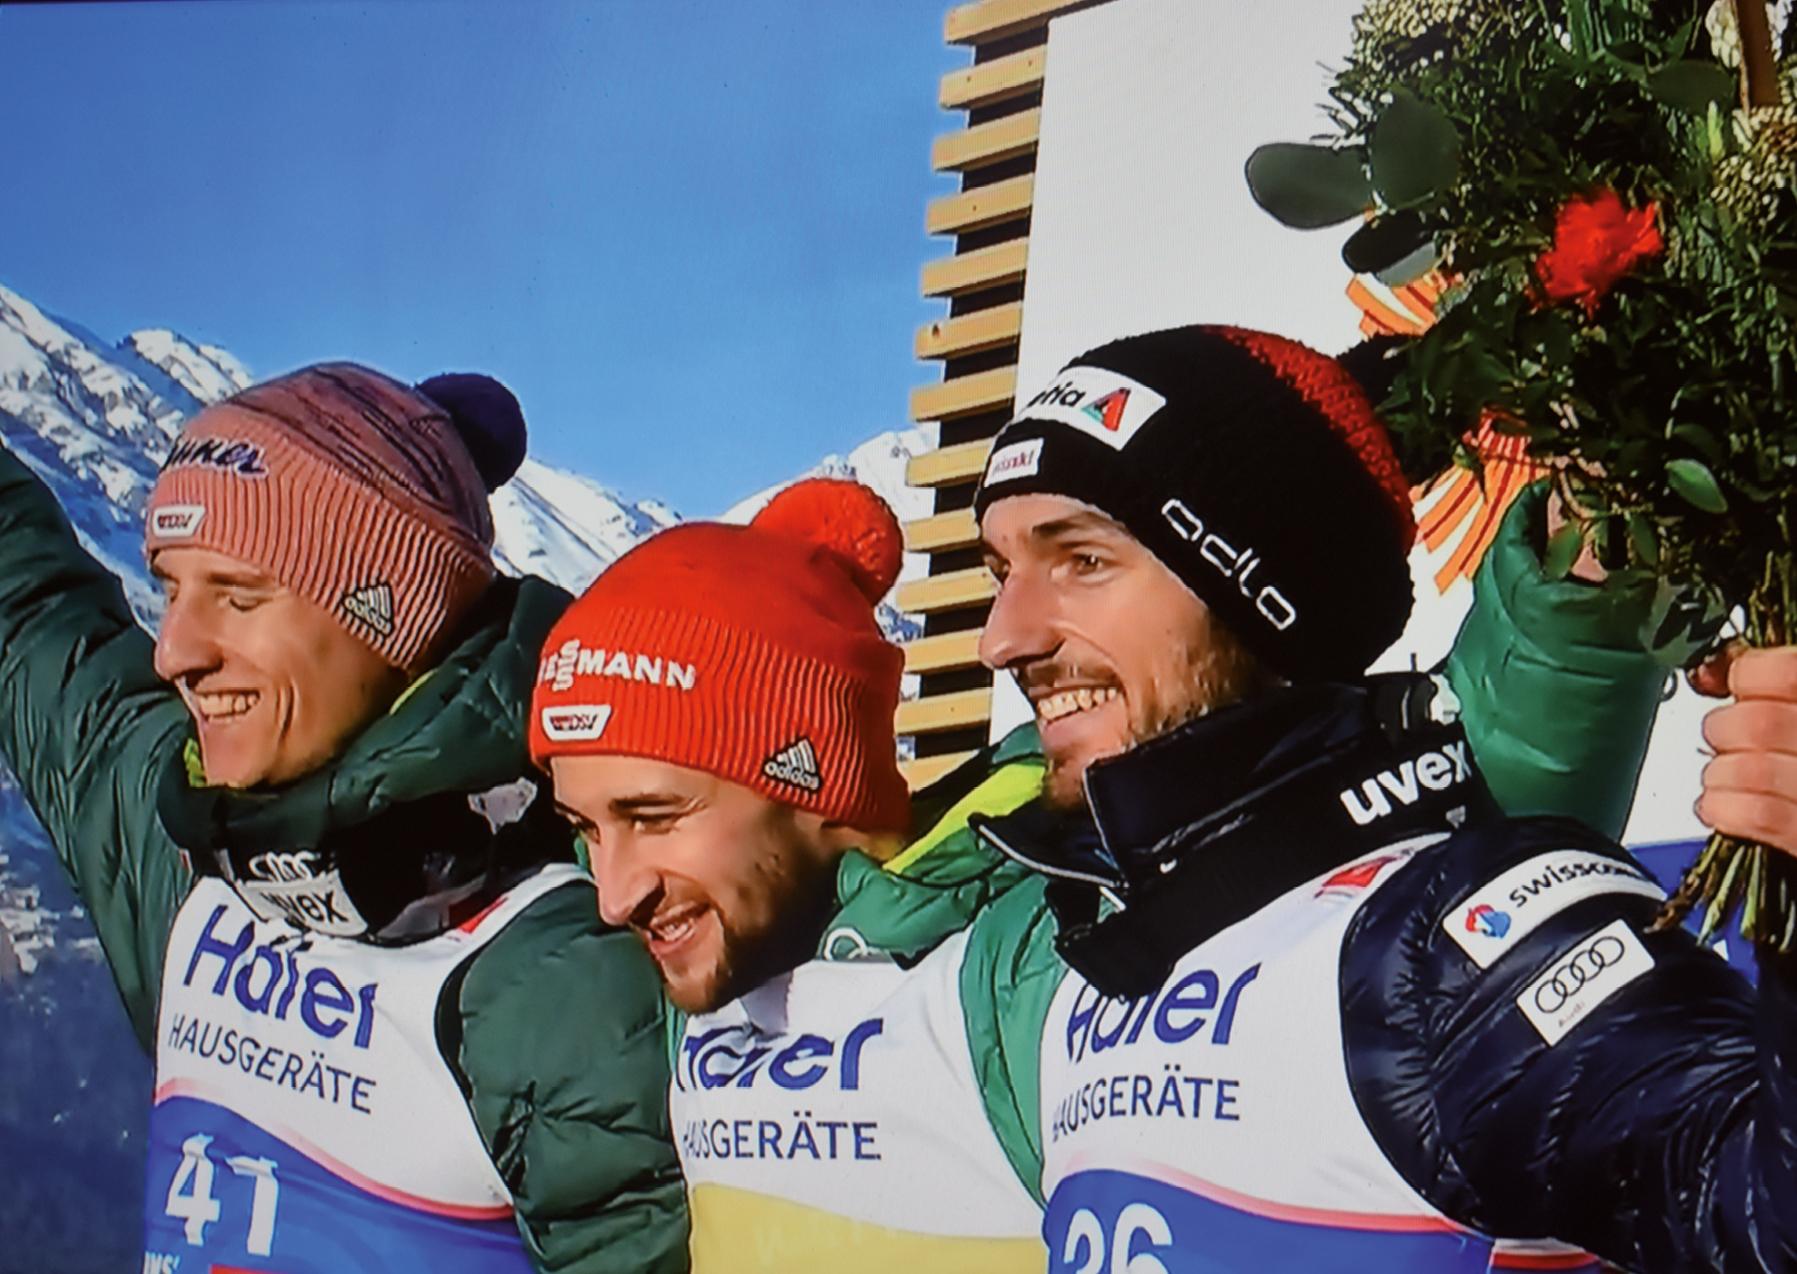 Championnats du monde de Seefeld : La consécration de Kilian Peier